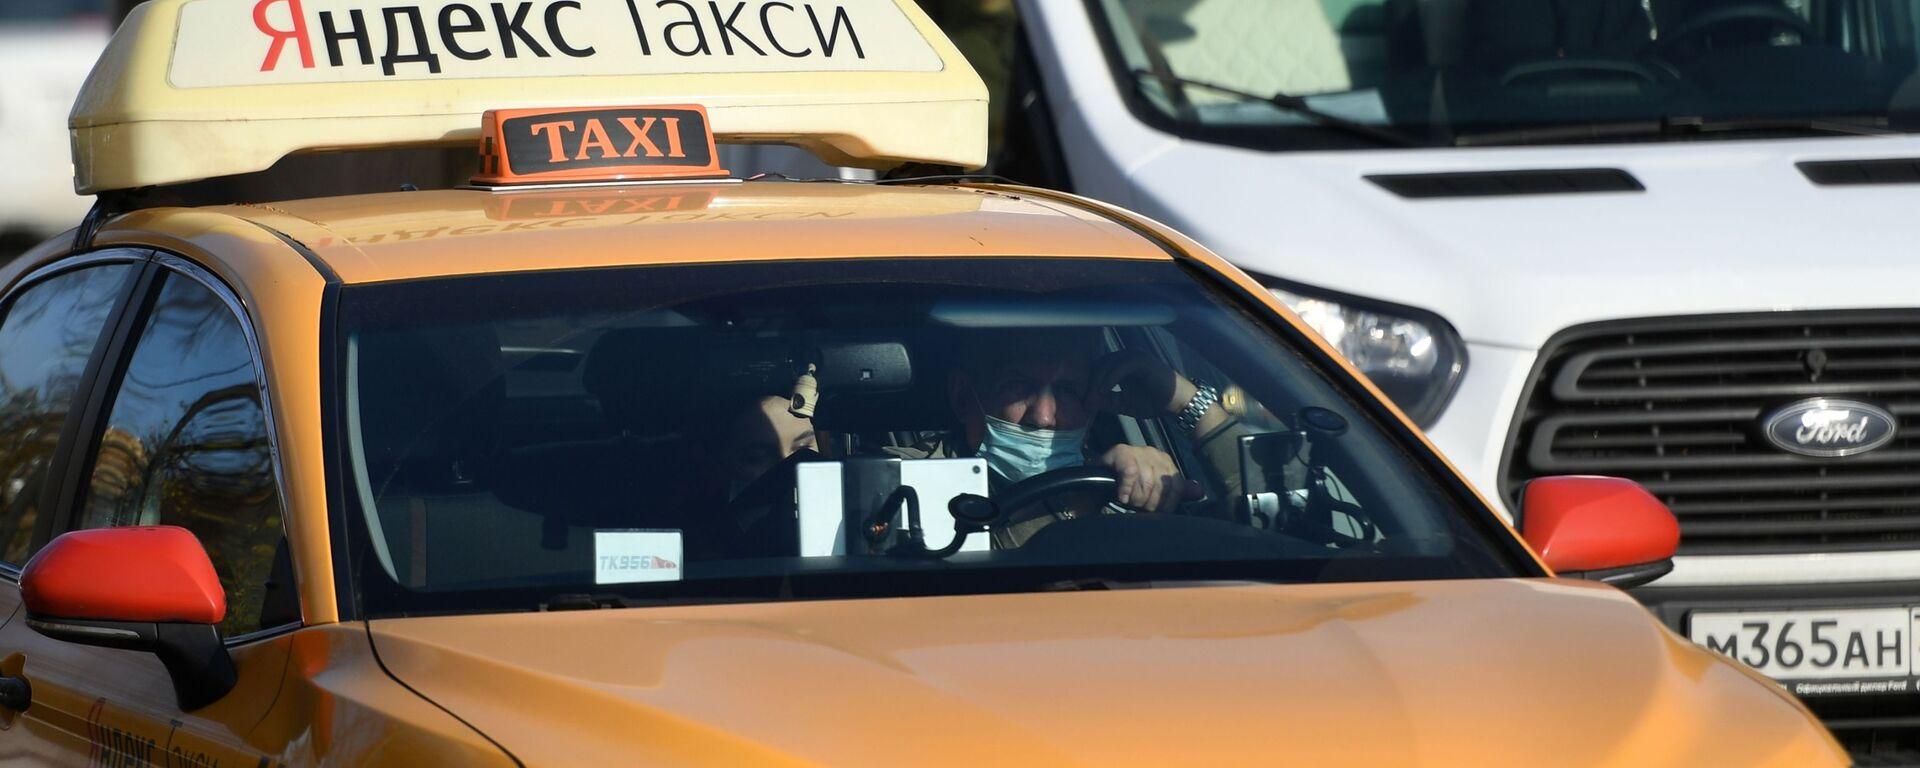 Водитель в защитной маске за рулем такси - Sputnik Узбекистан, 1920, 24.06.2021